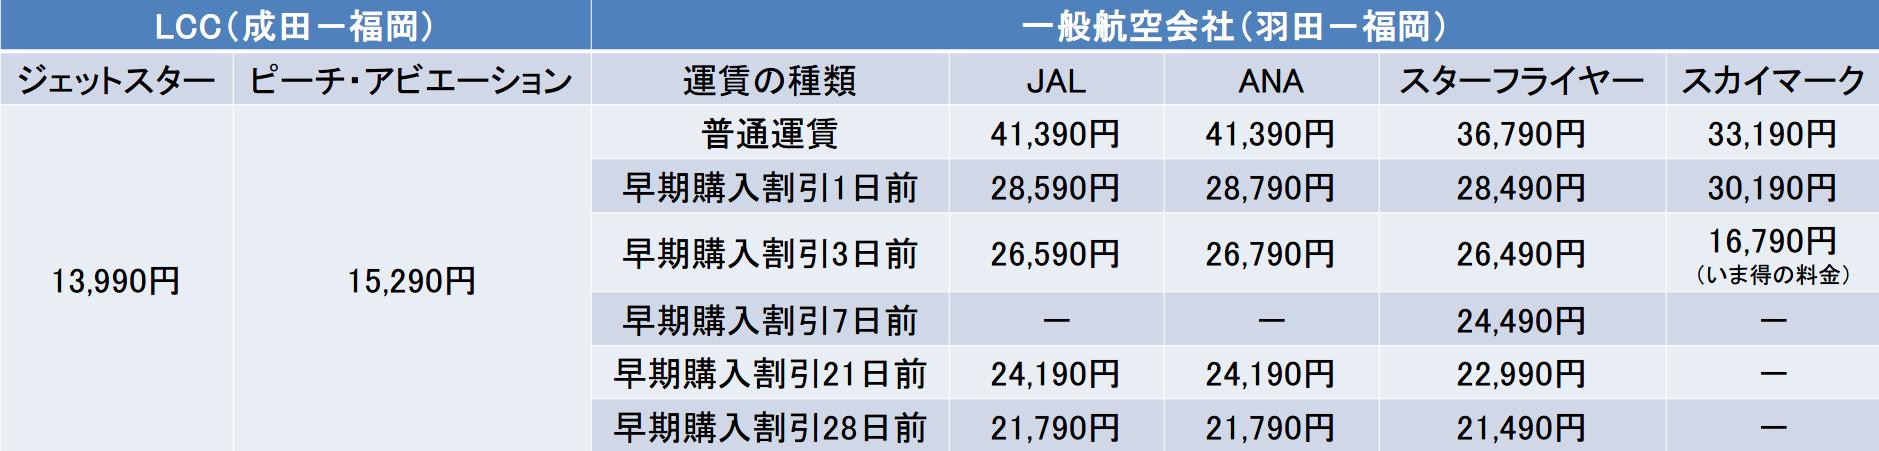 東京ー福岡間のキャリア別の運賃比較表